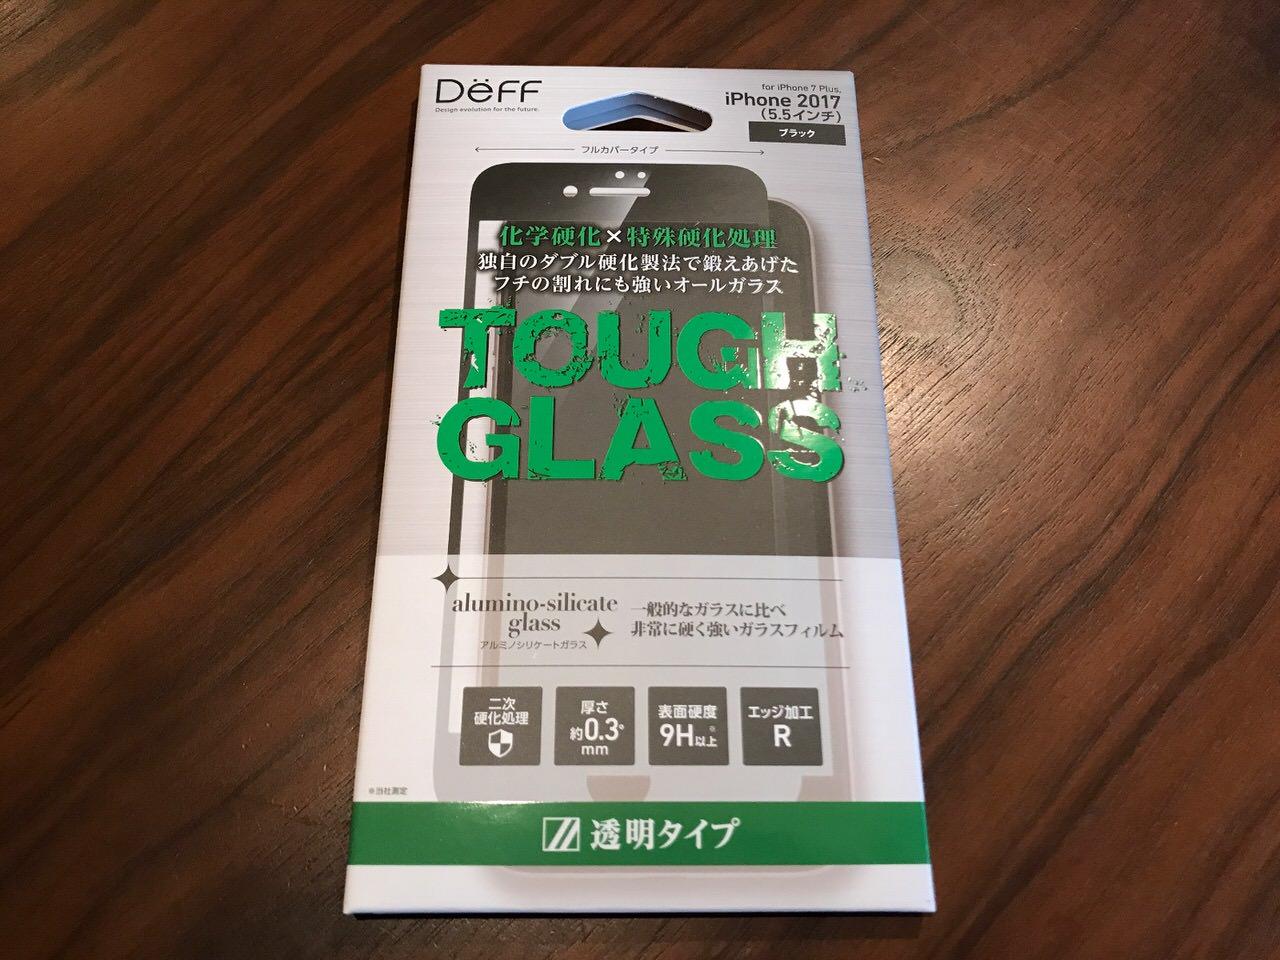 【iPhone 7 Plus】やはり液晶保護ガラスはいい「Deff TOUGH GLASS フルカバー ガラスフィルム」を試す